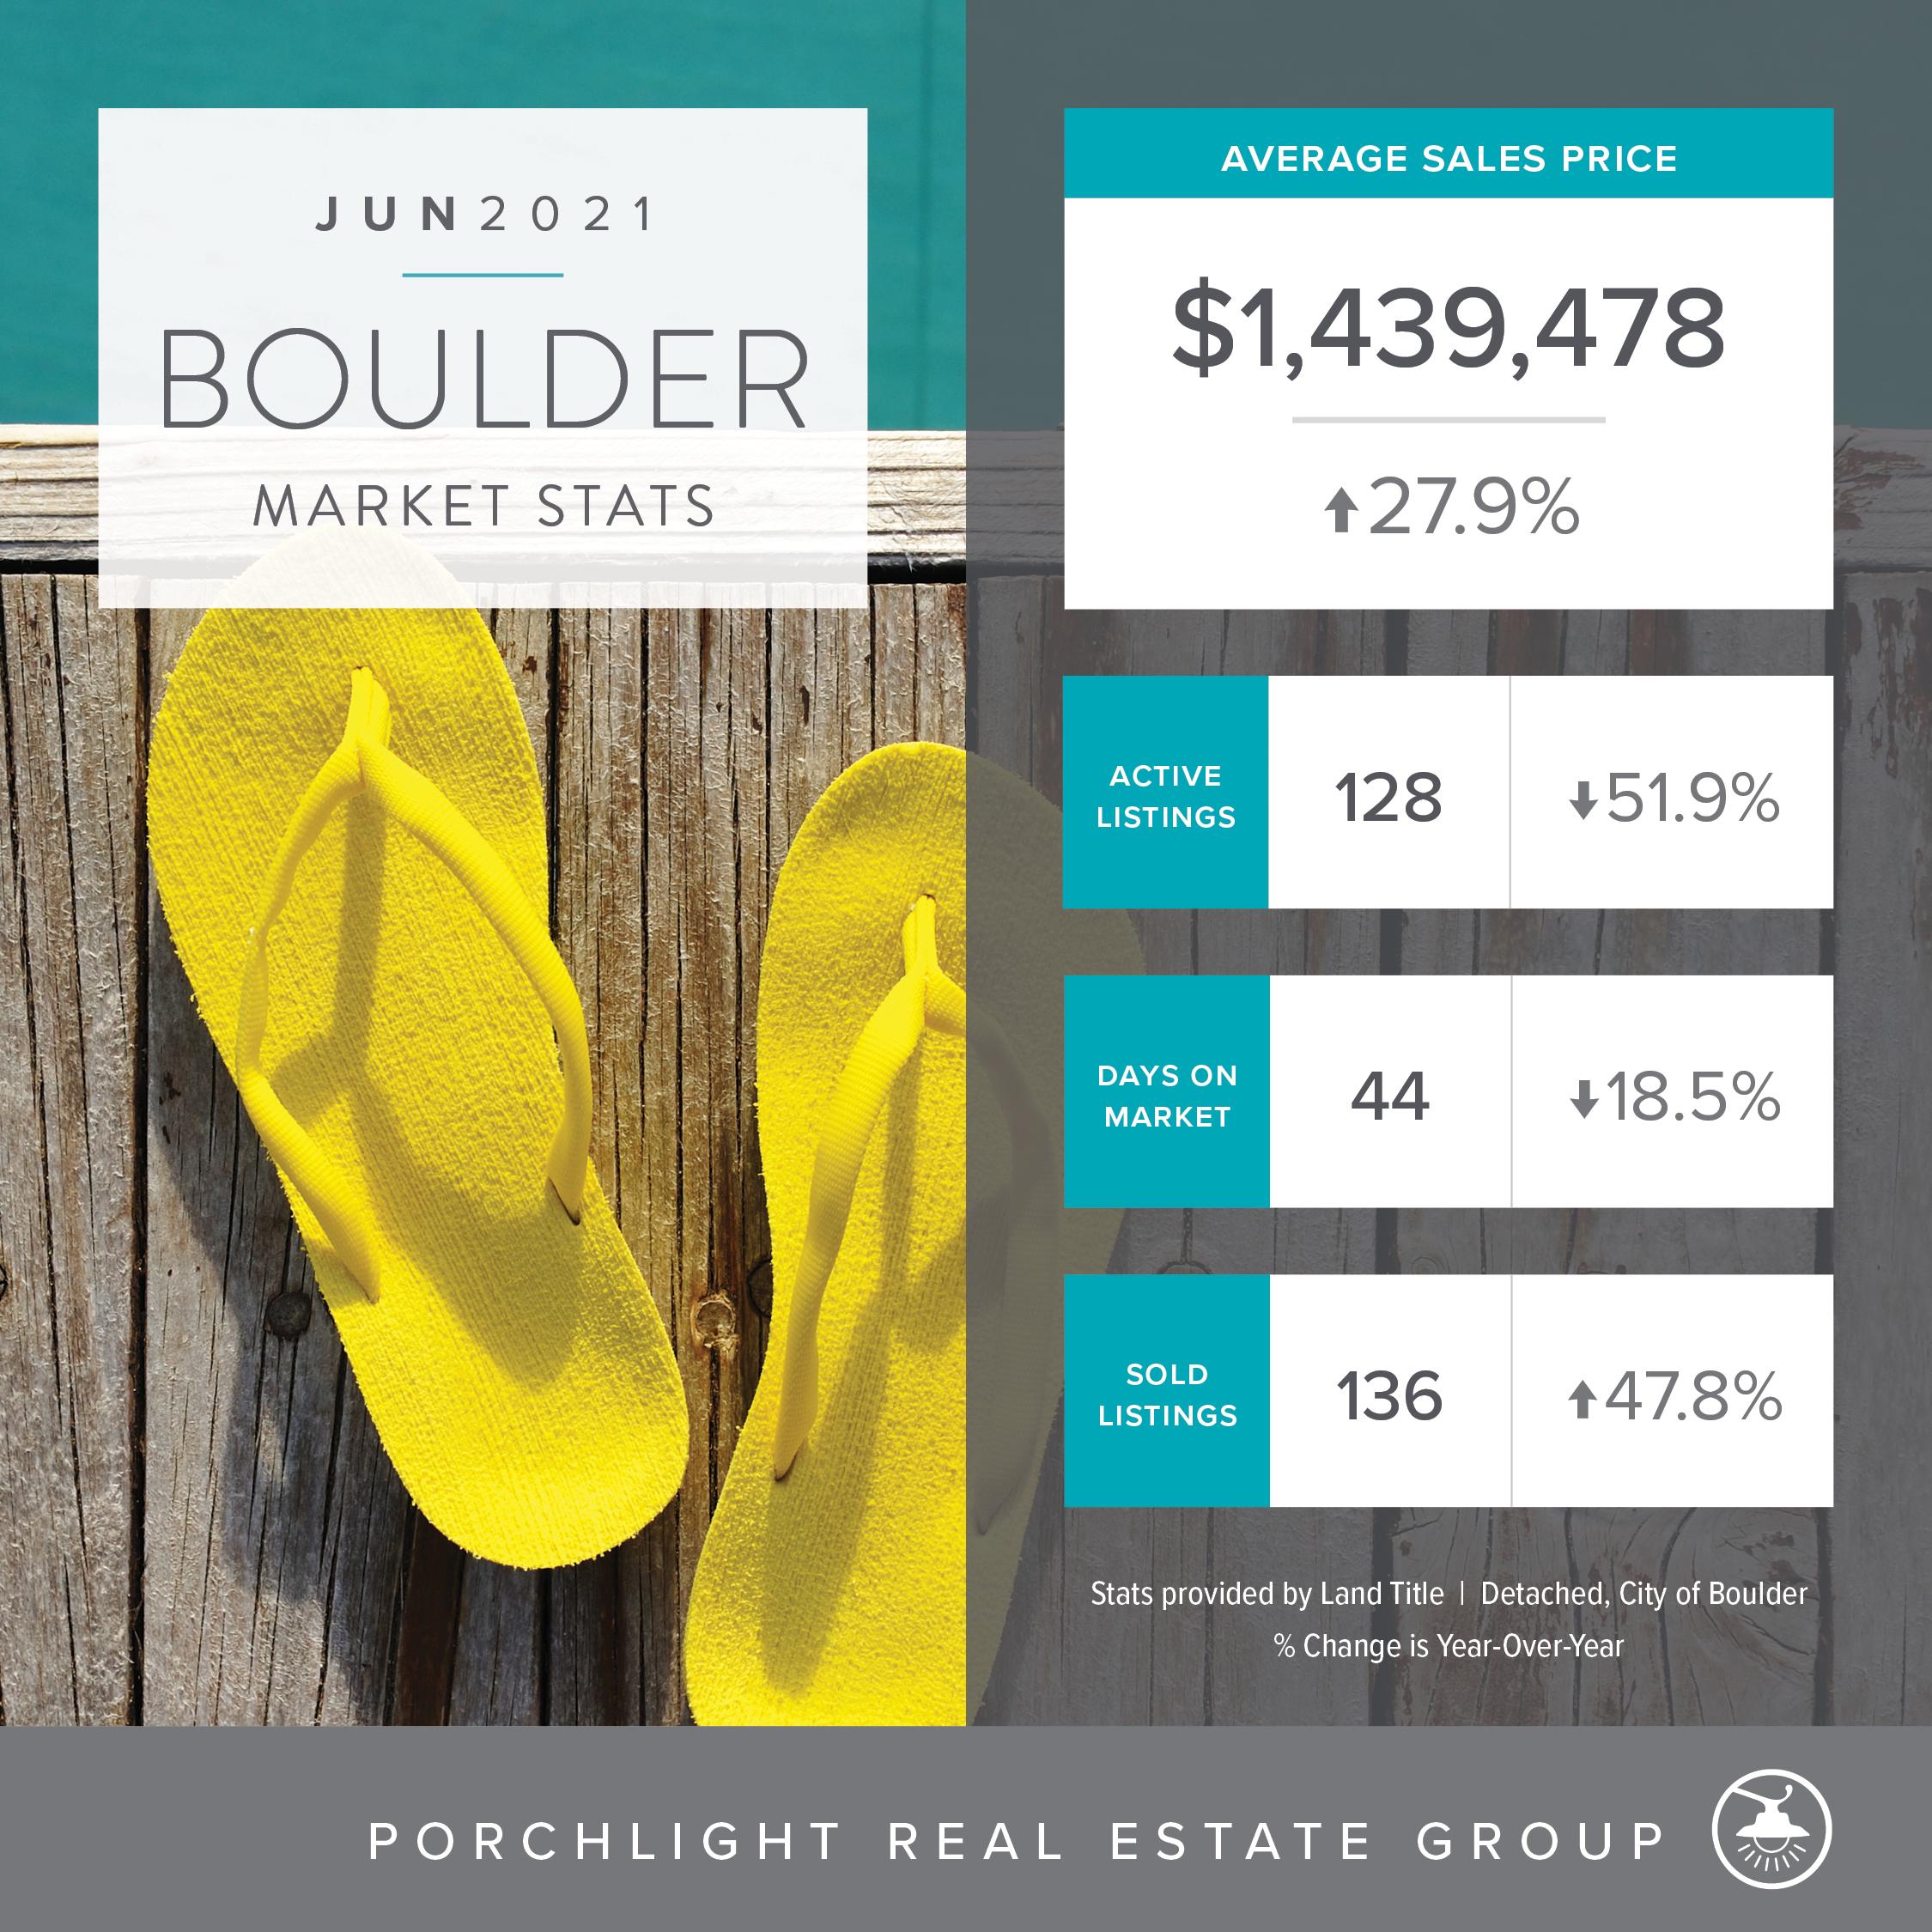 Boulder Real Estate Market Stats June 2021, PorchLight Real Estate